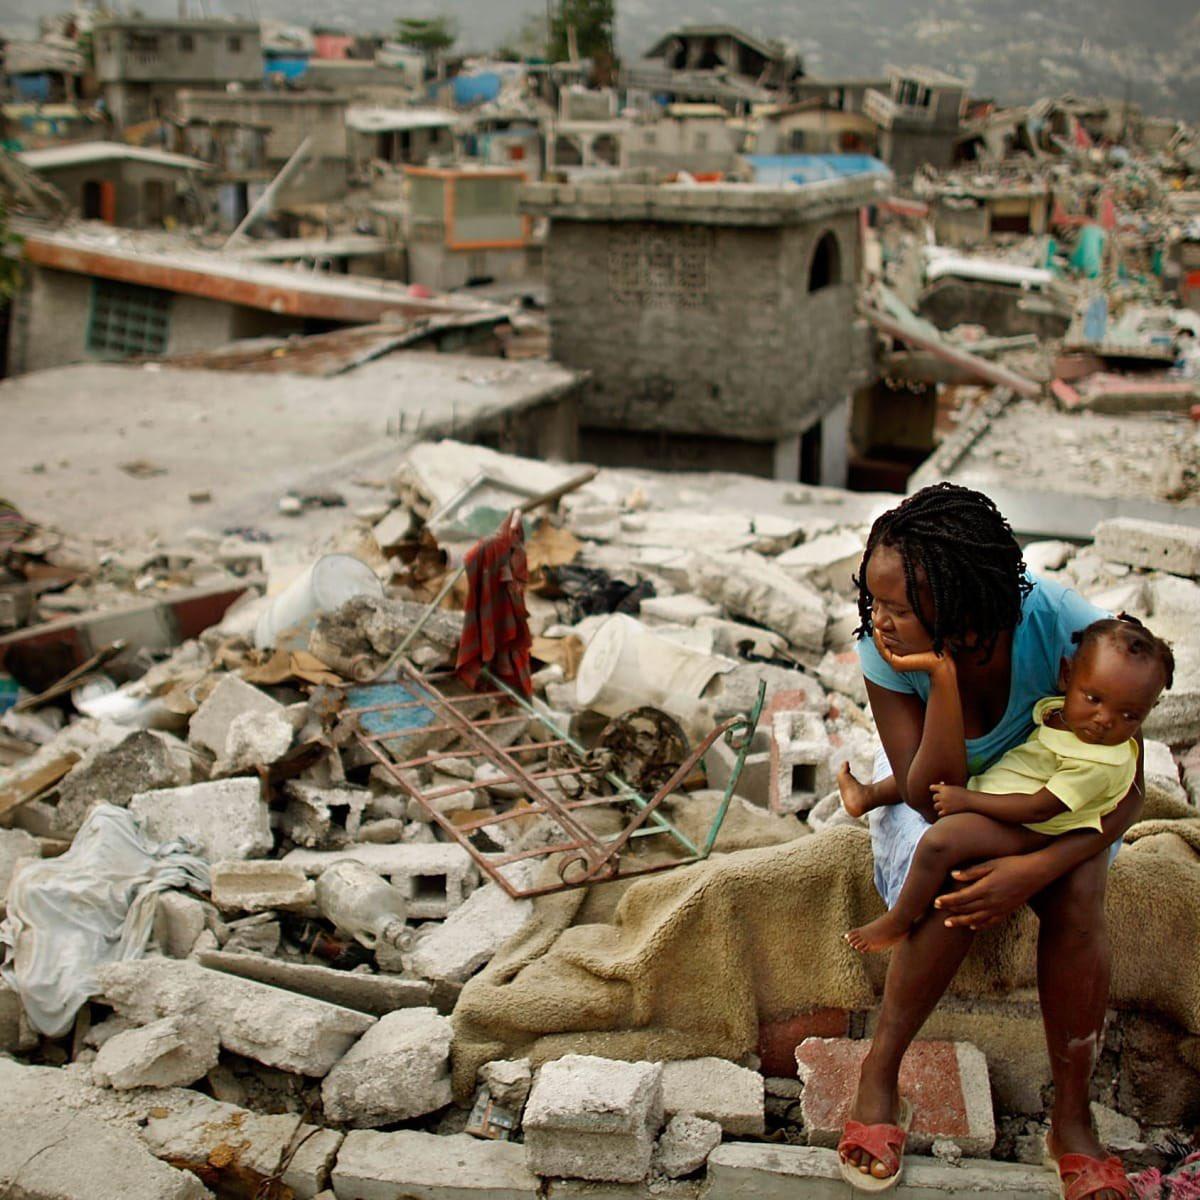 На Гаити из-за землетрясения погибли 300 человек. Сотни пропали без вести